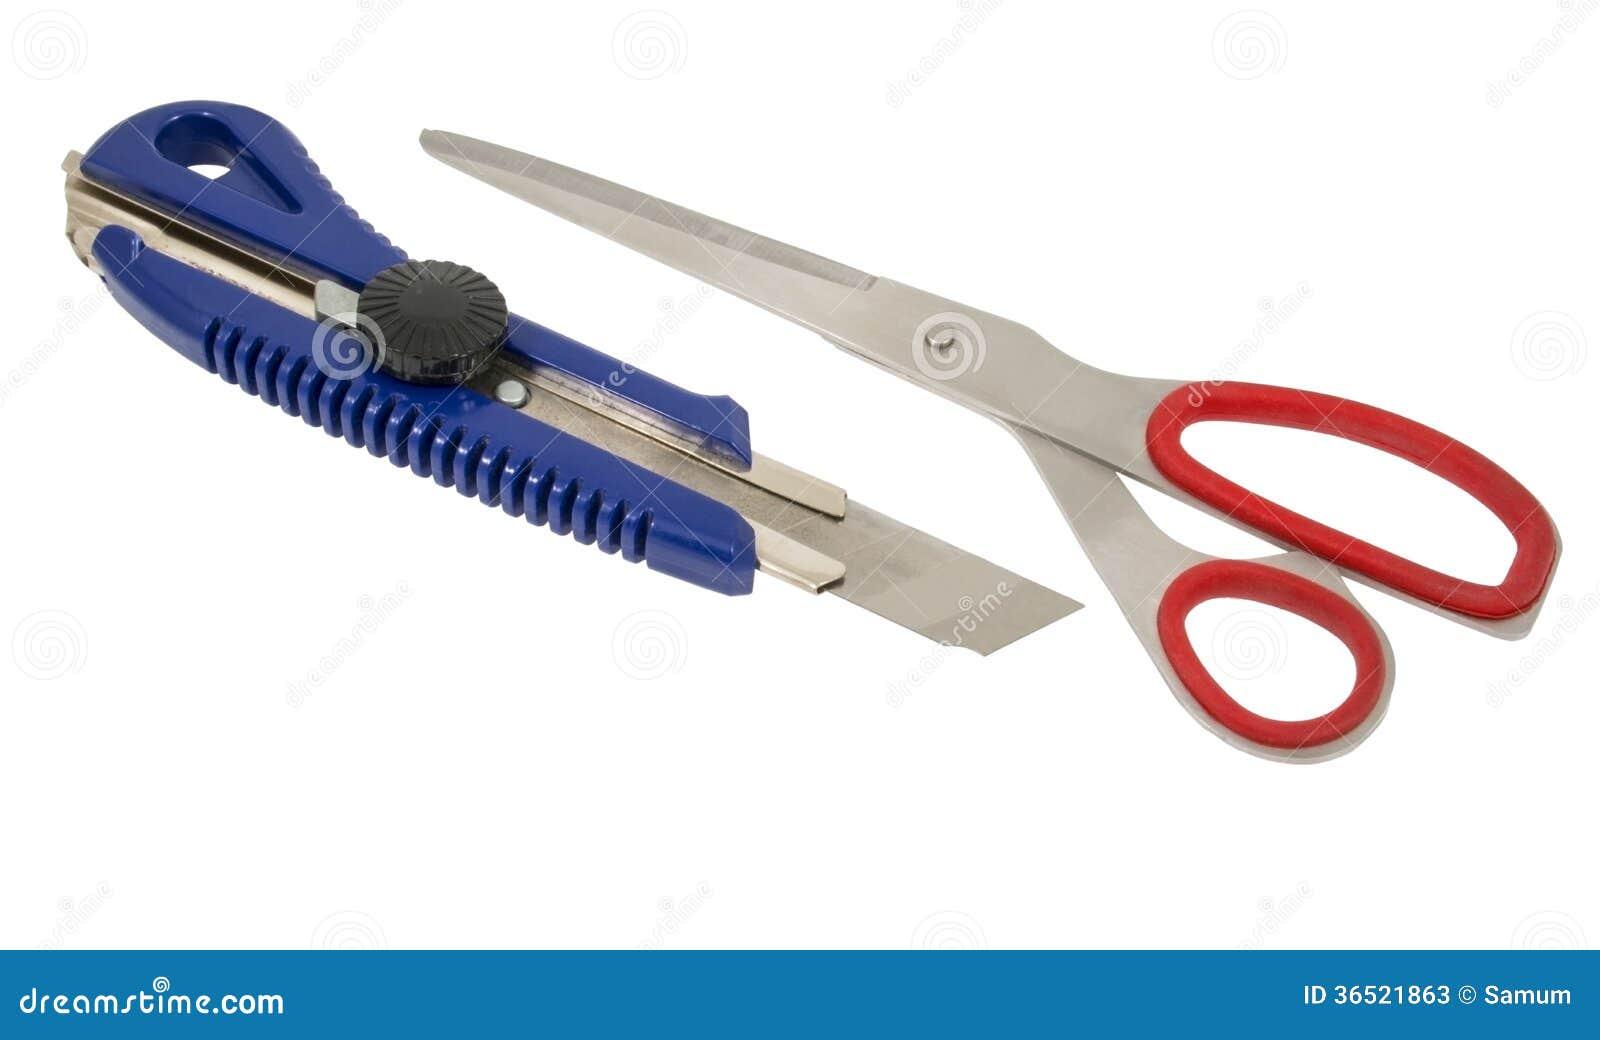 Ciseaux et coupeur de boîte